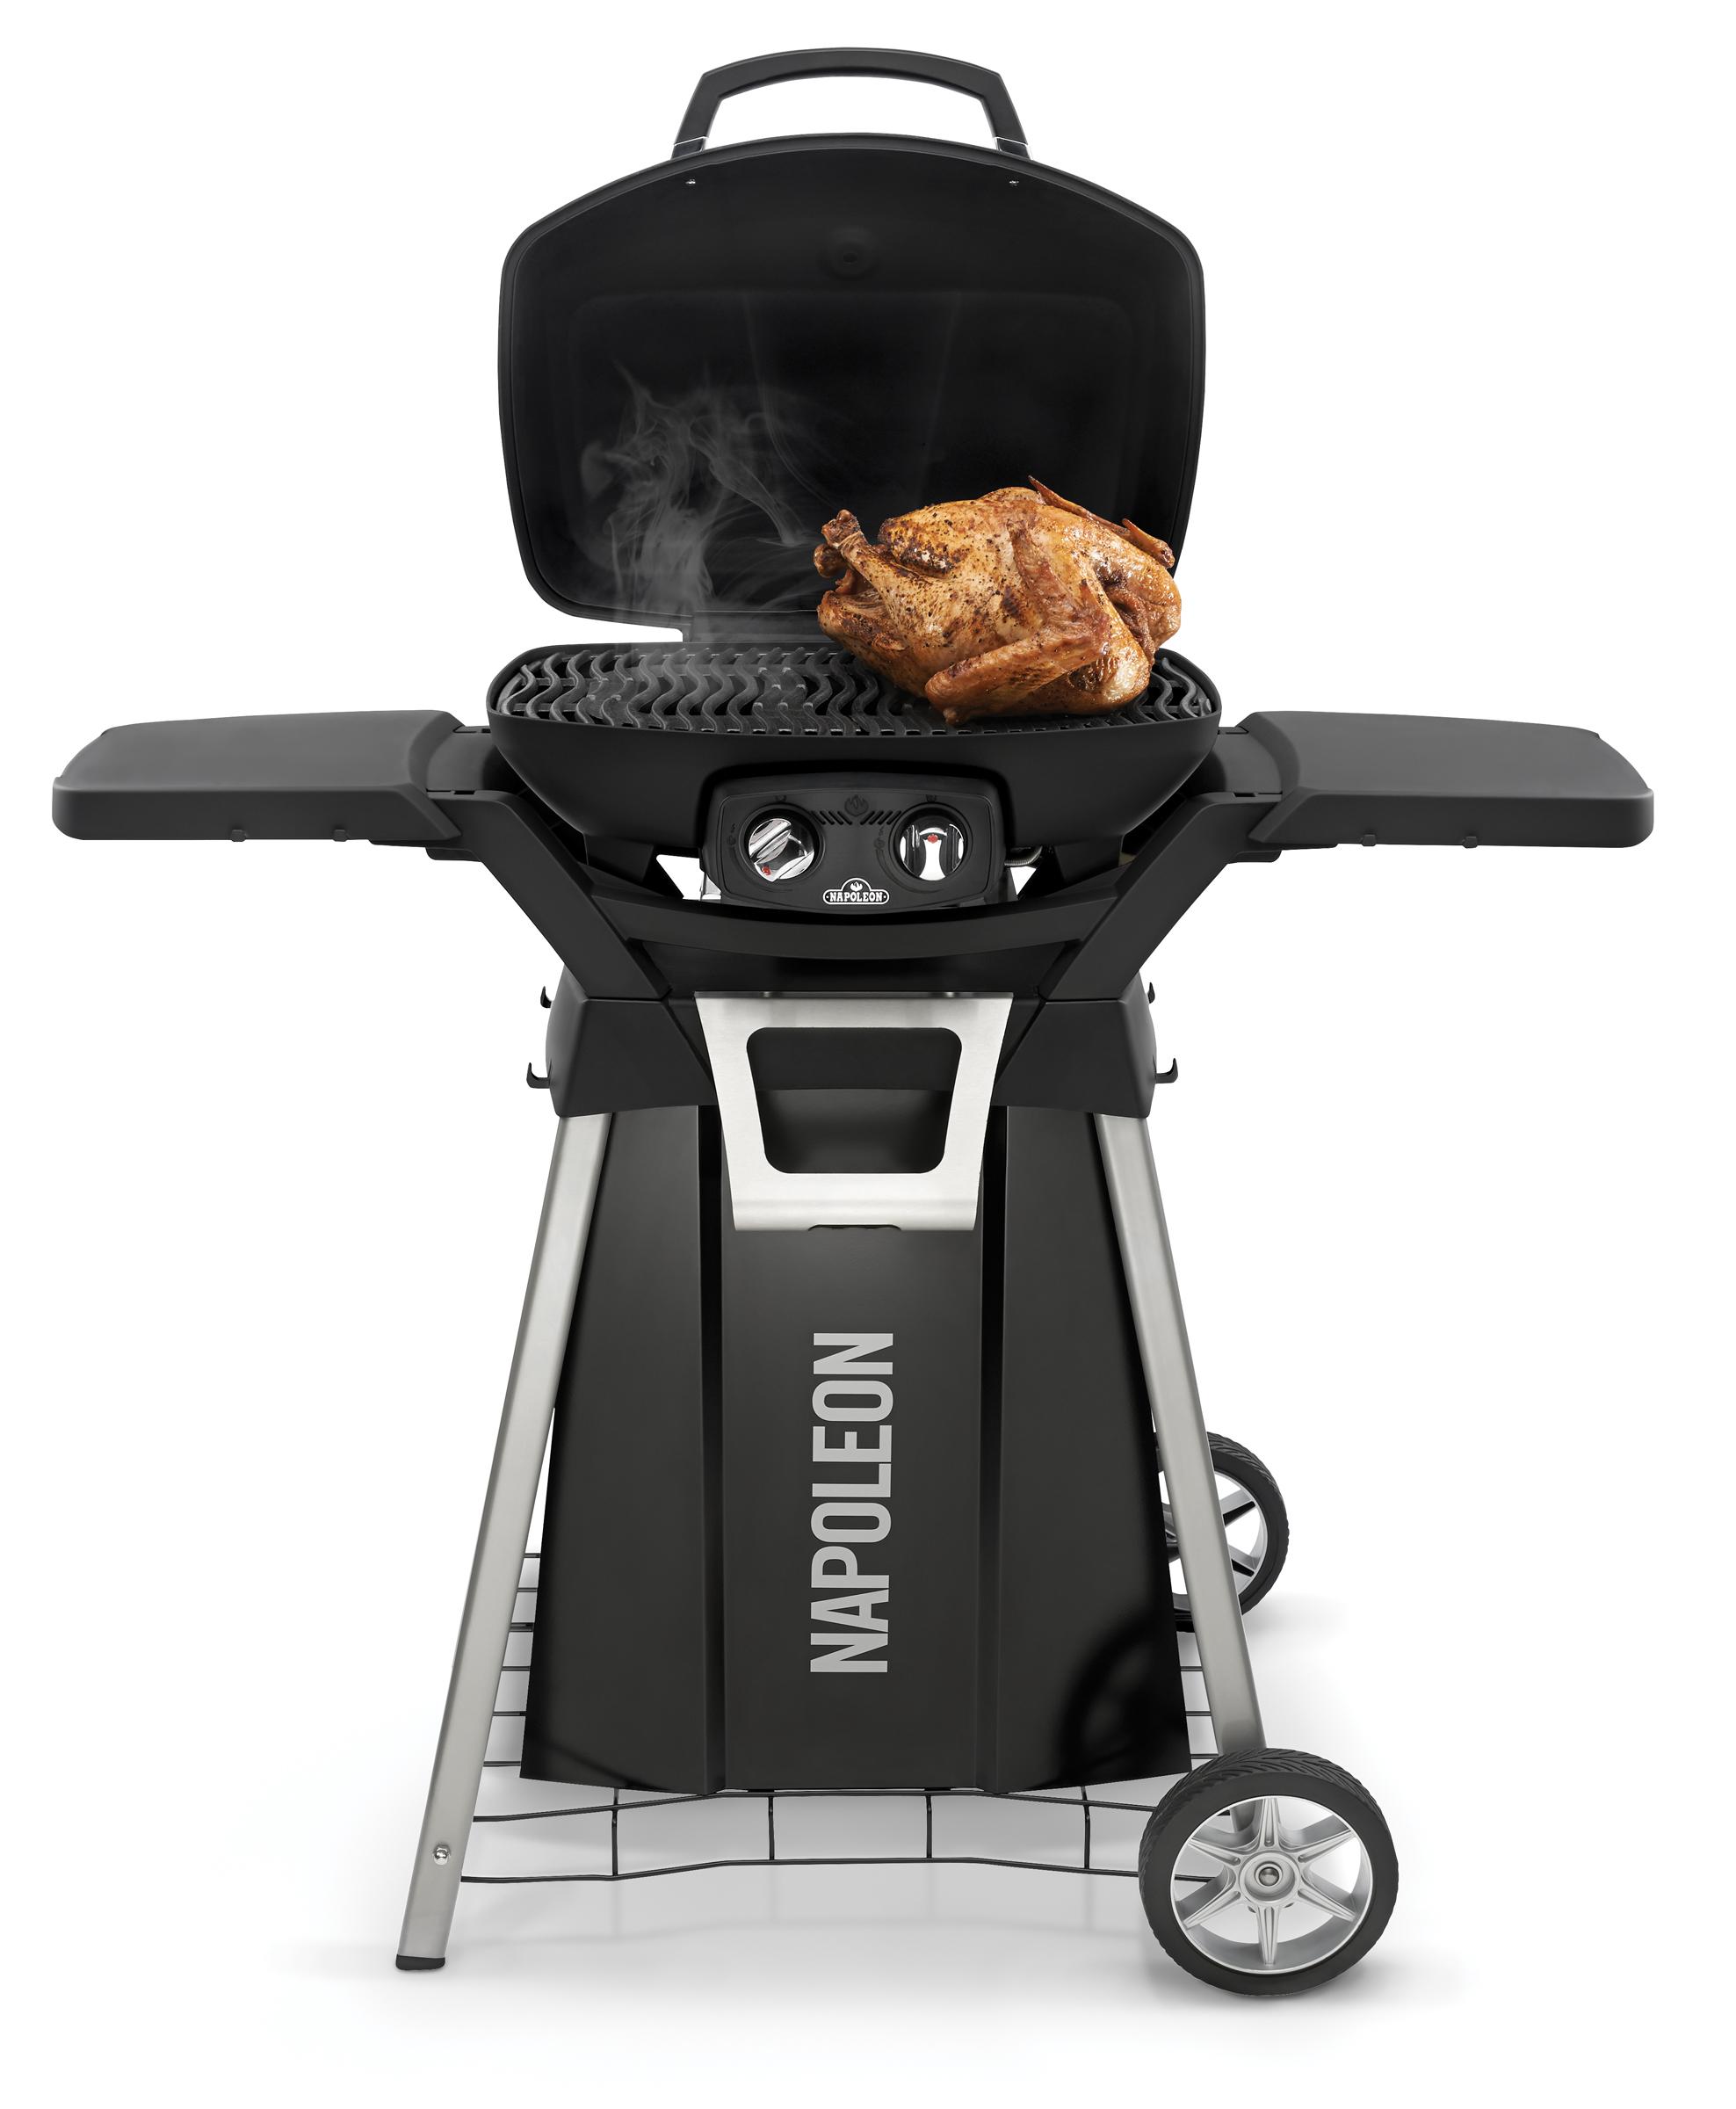 pro285-napoleon-grills-grill-gazowy-turystyczny